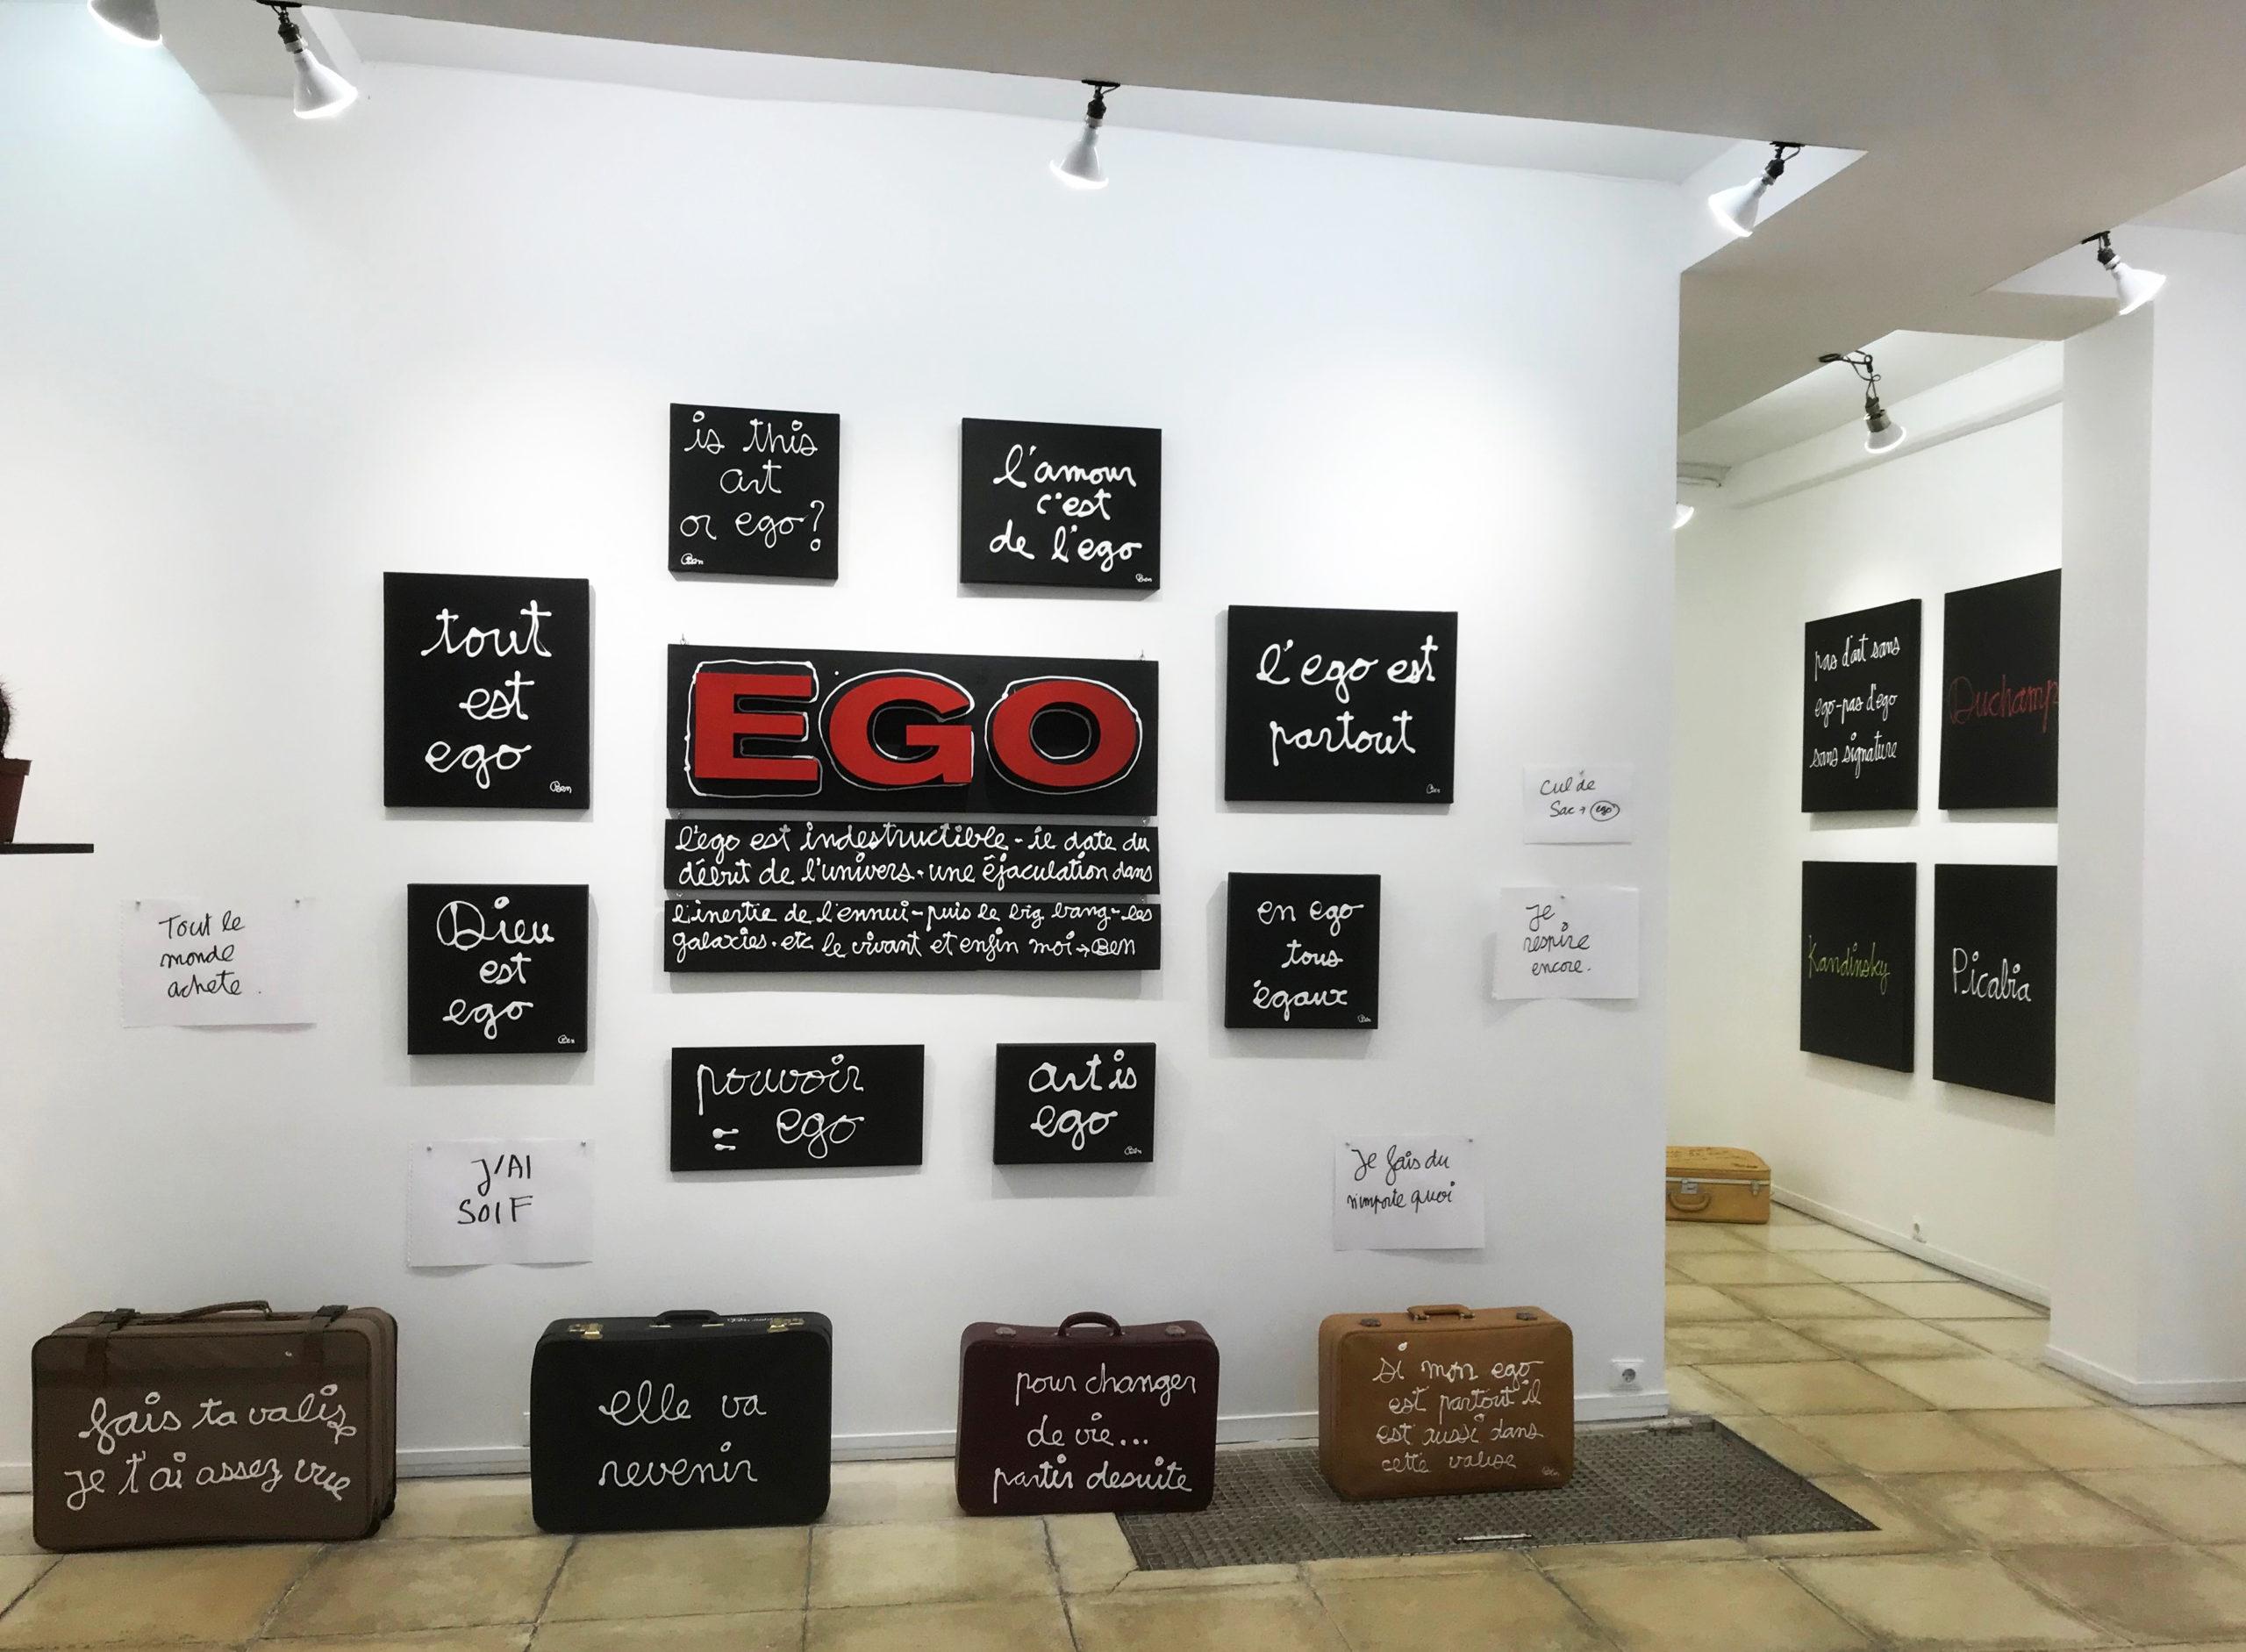 Ben, vue de l'exposition, 2021 ; Mur de l'Ego (2020/2021) ; au sol les valises (2013/2020).